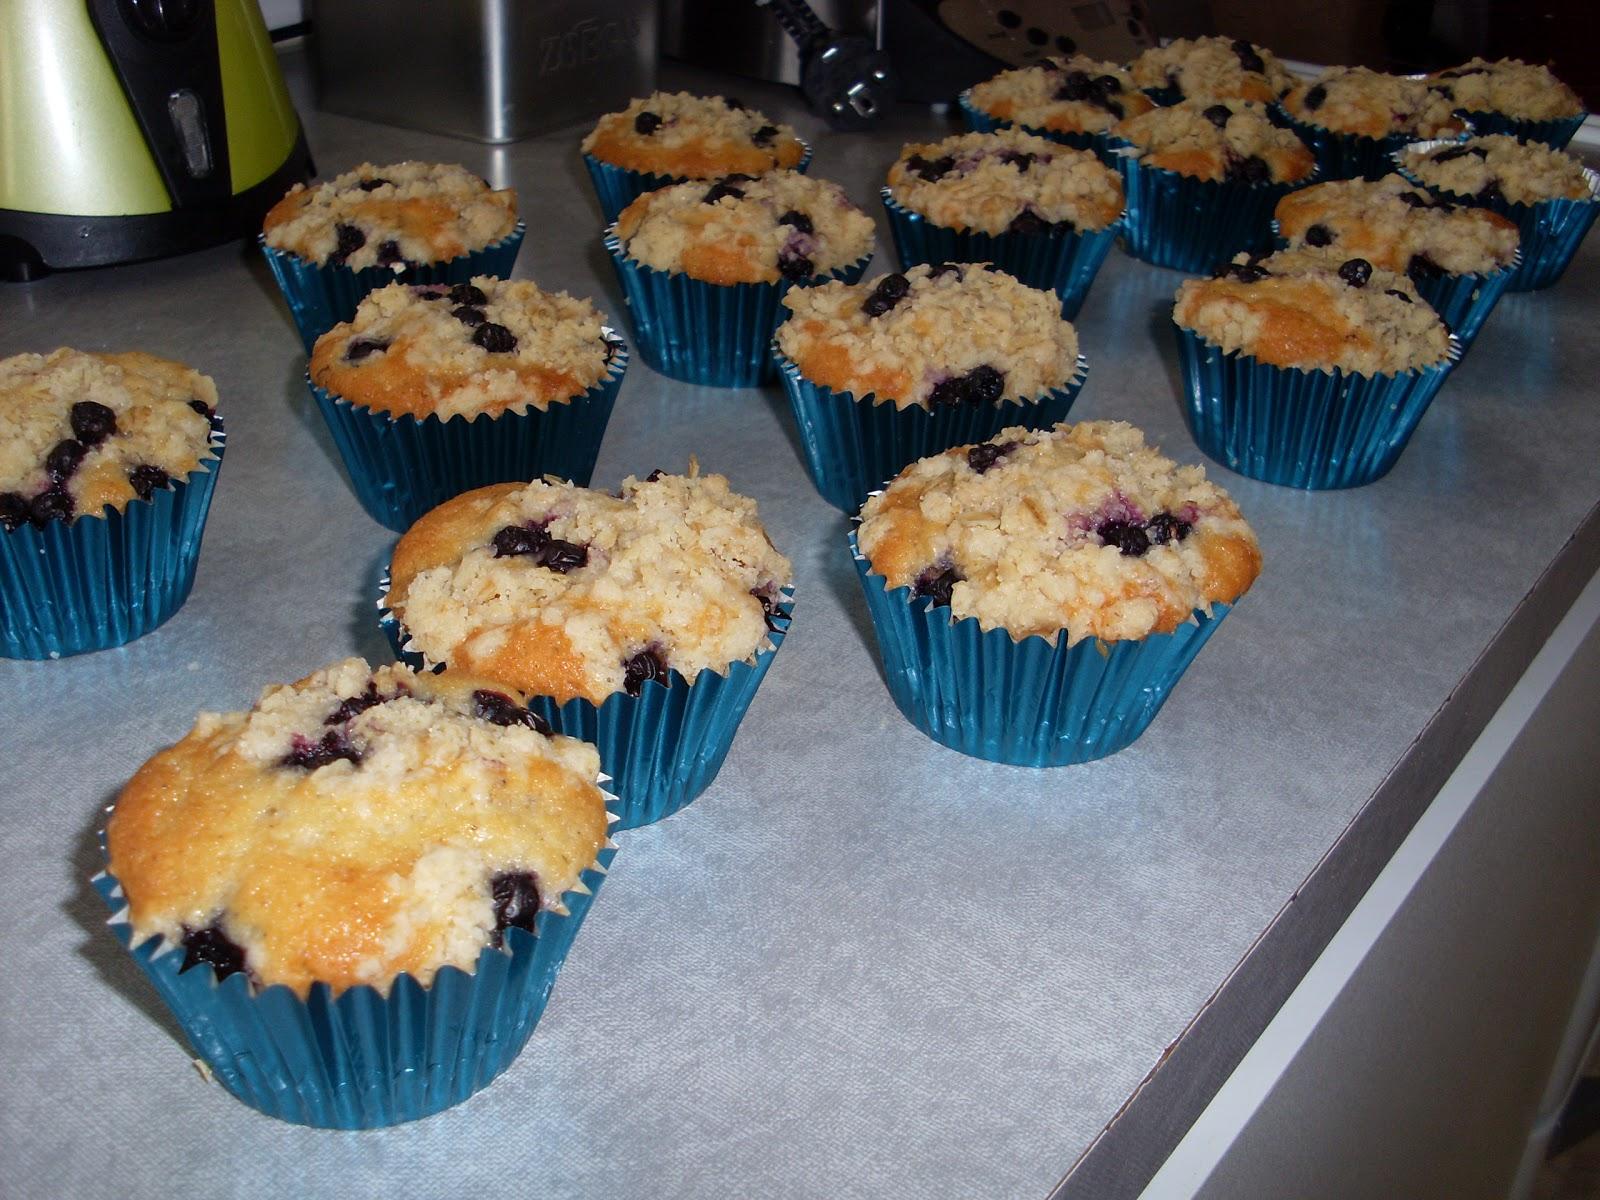 muffins havregryn blåbär